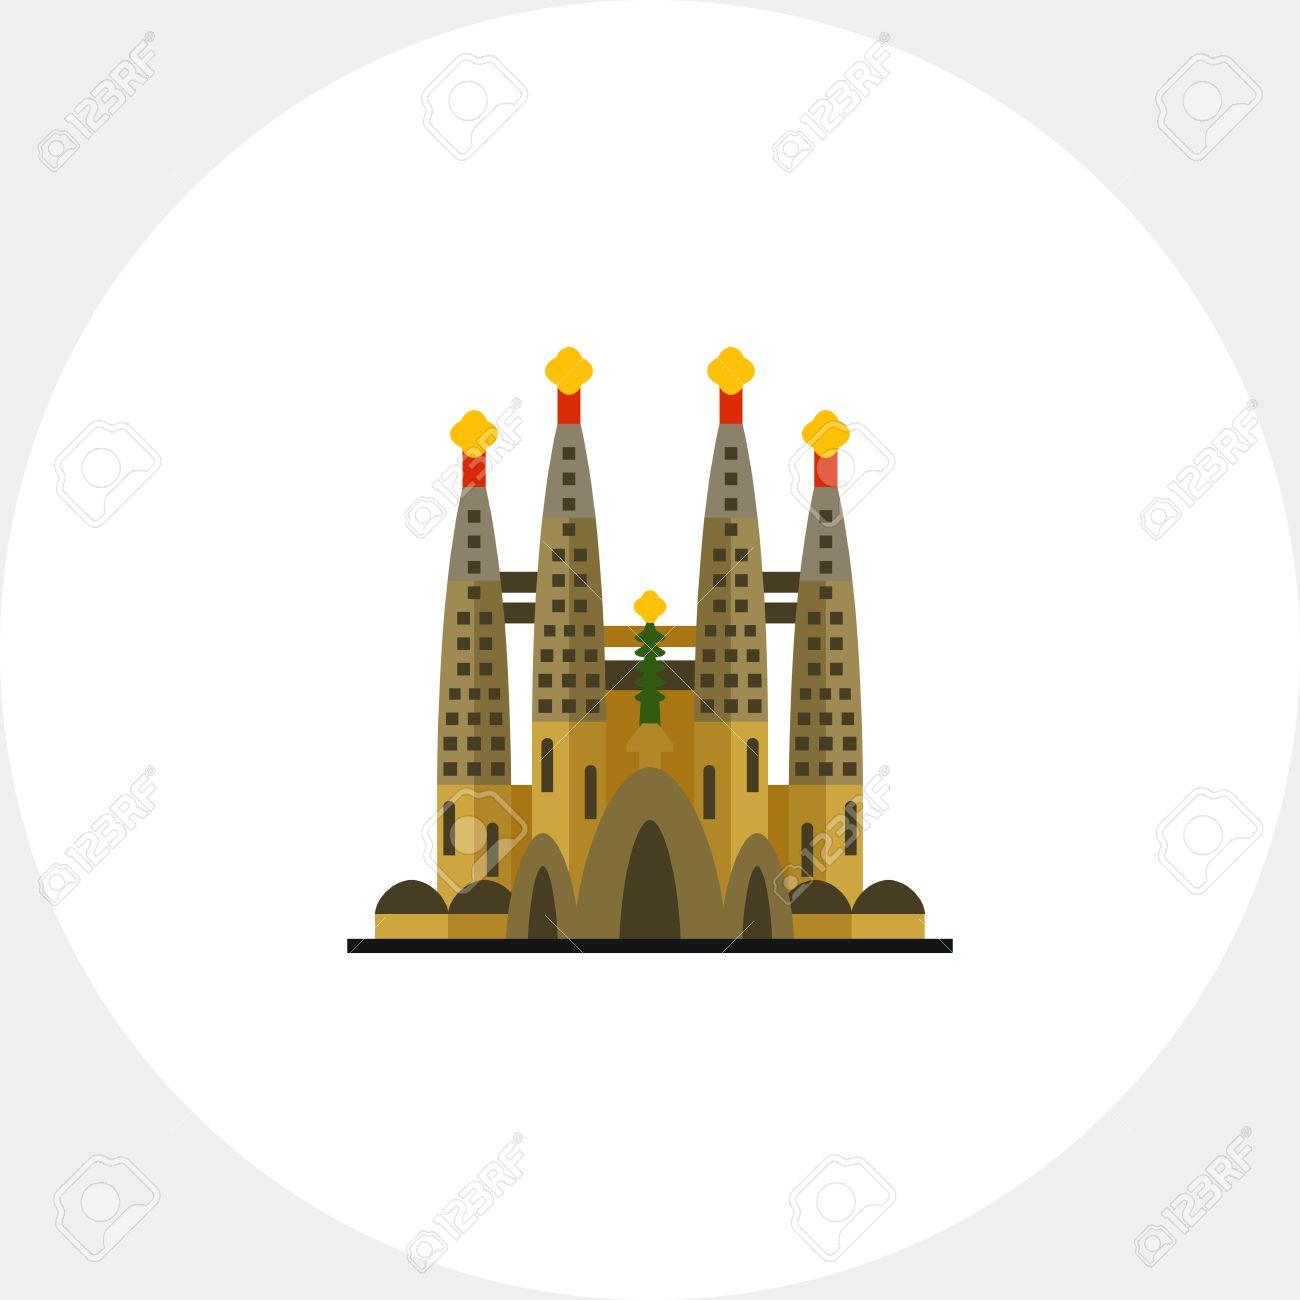 カトリックの教会サグラダ ファミリア アイコンのイラスト素材 ベクタ Image